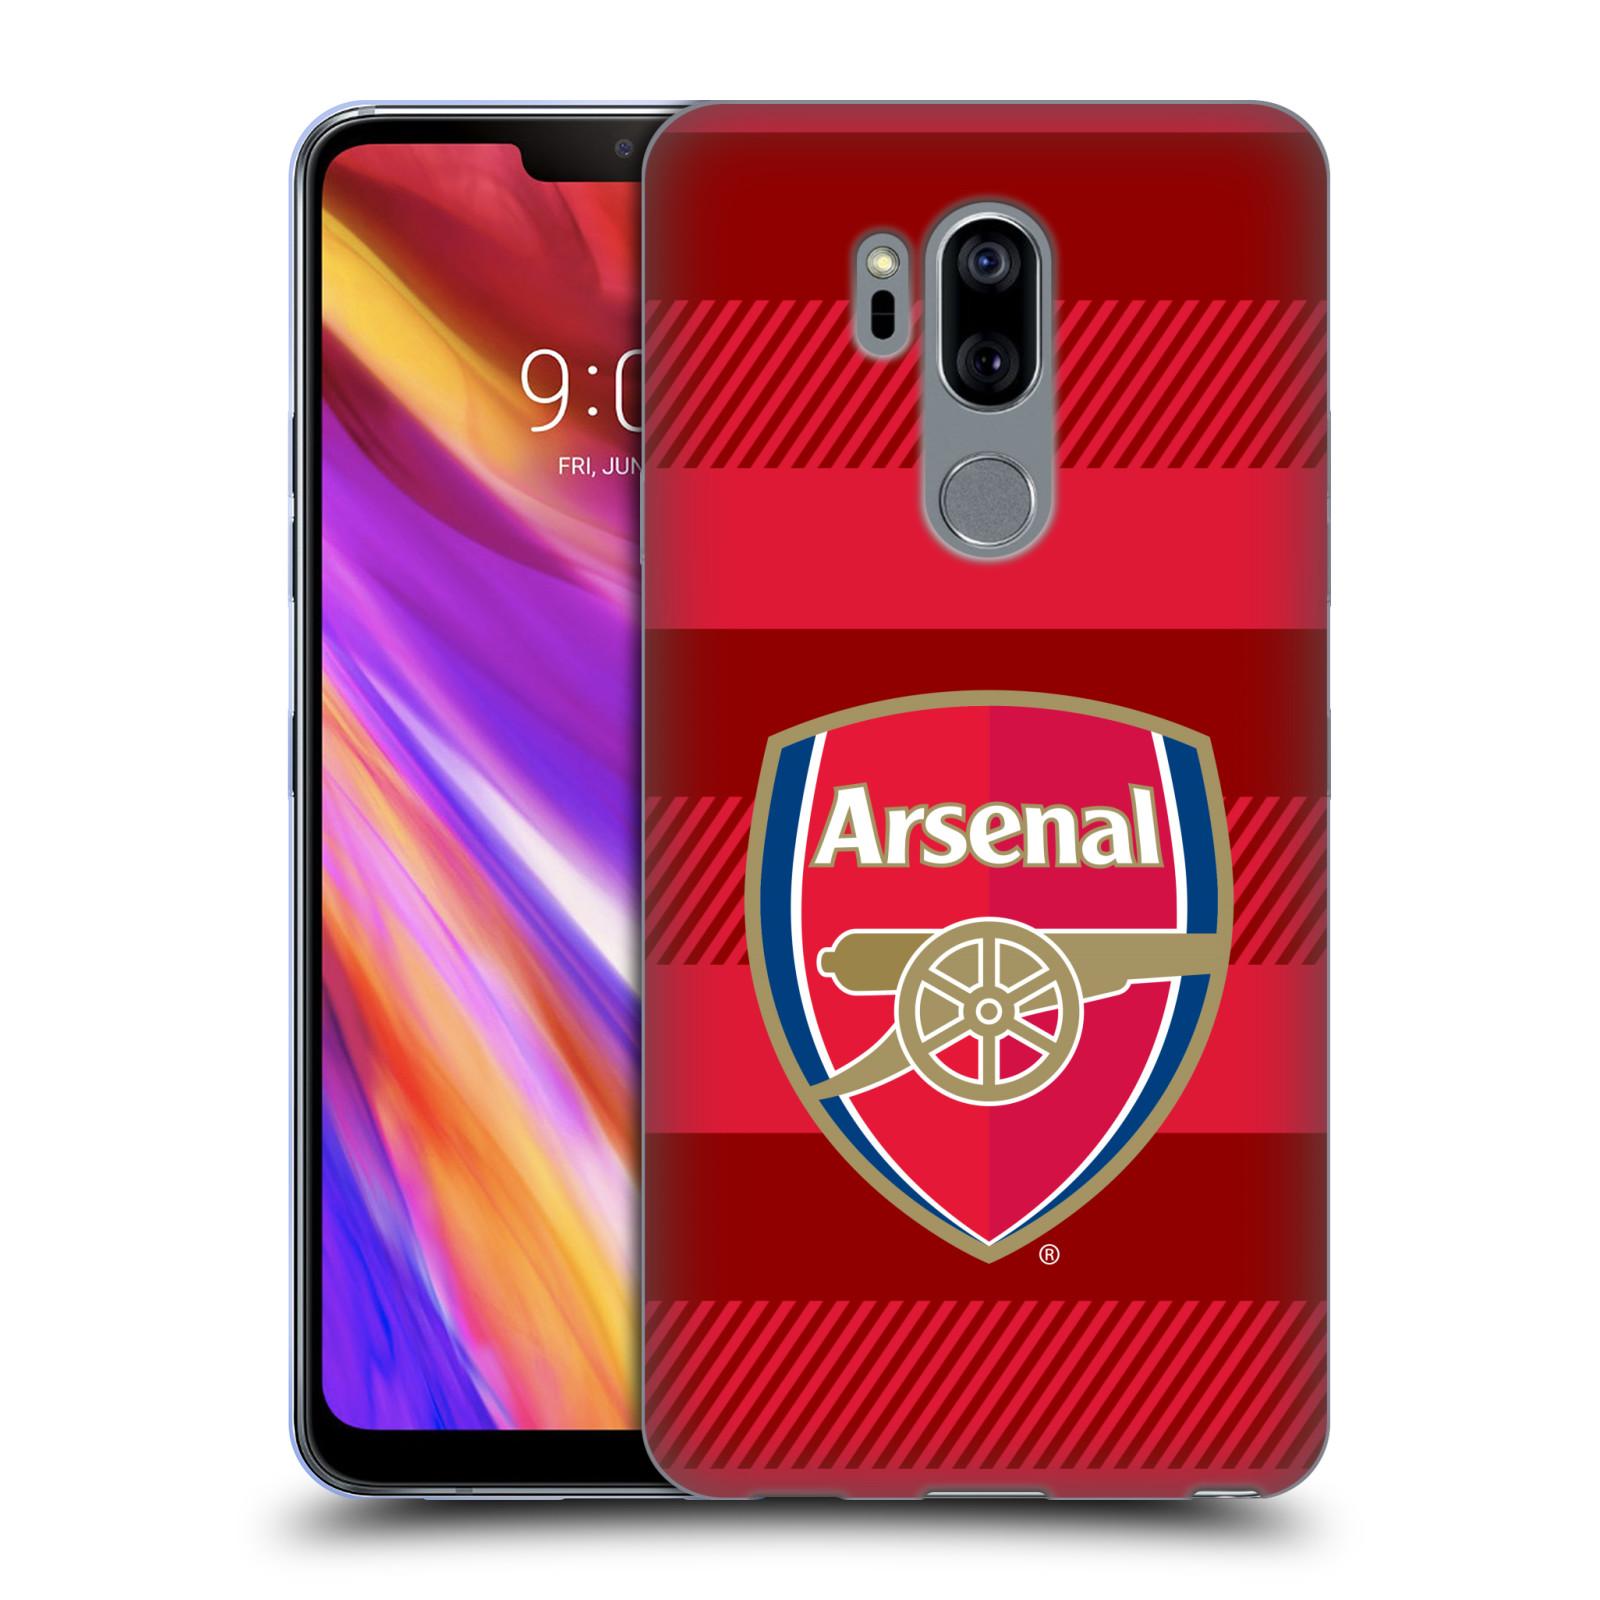 Silikonové pouzdro na mobil LG G7 ThinQ - Head Case - Arsenal FC - Logo s pruhy